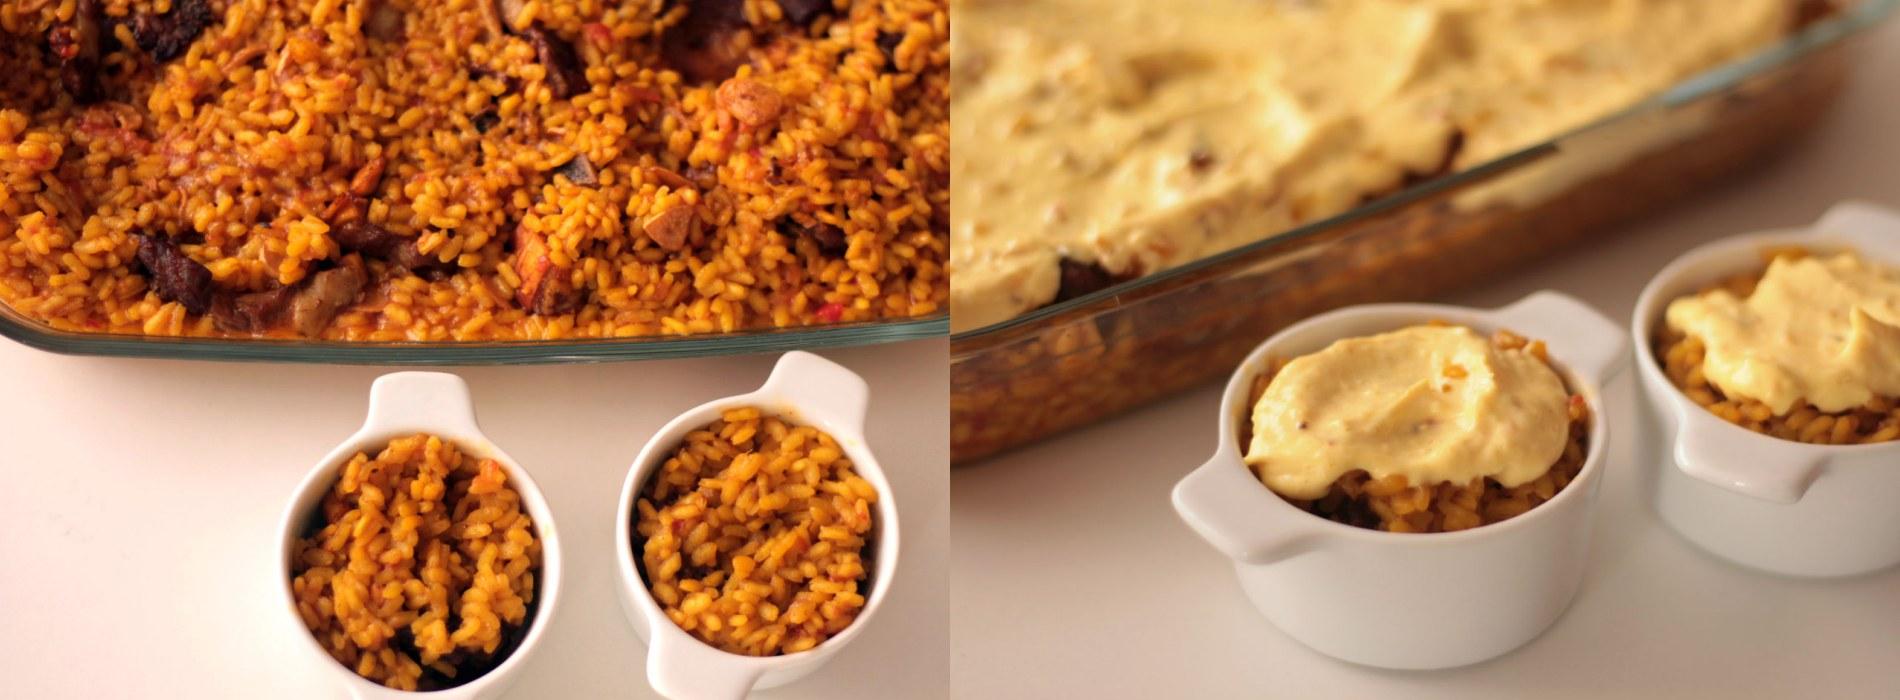 como hacer arroz collares cordero costrado alioli curry